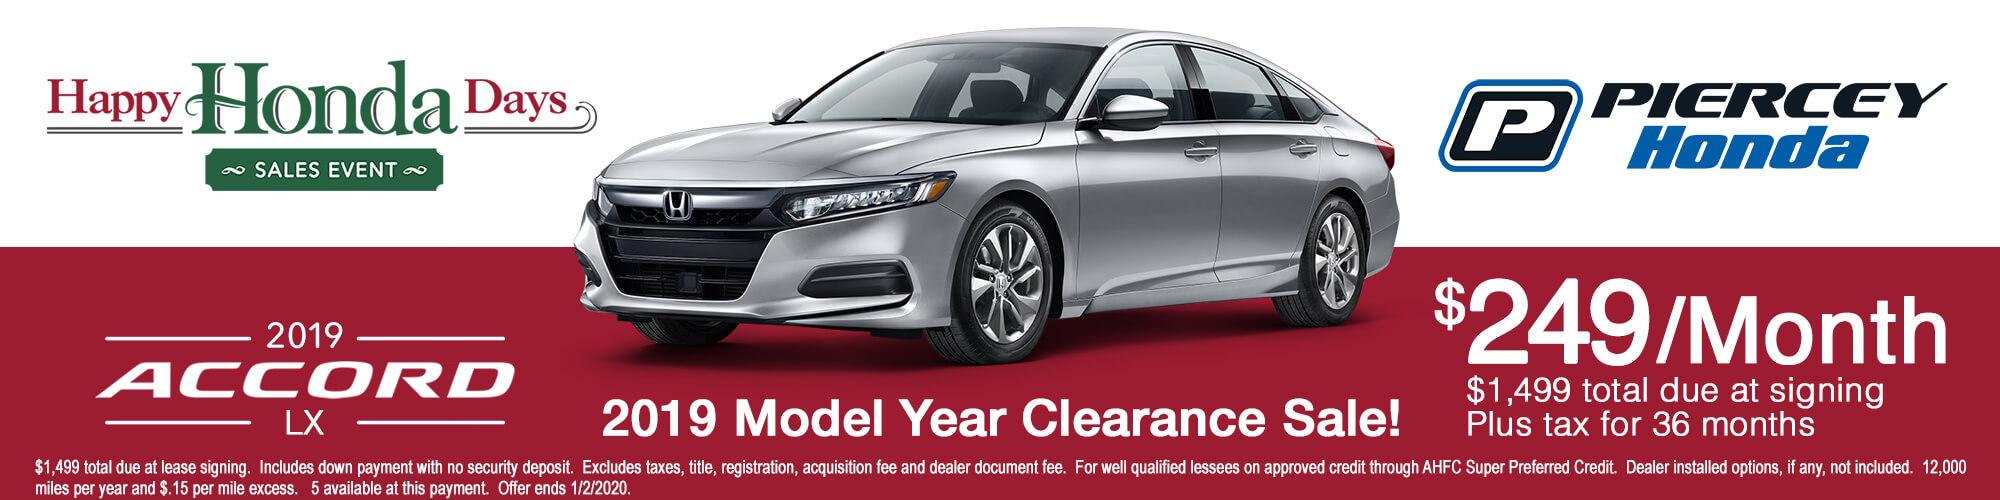 2019 Honda Accord LX Lease Offer